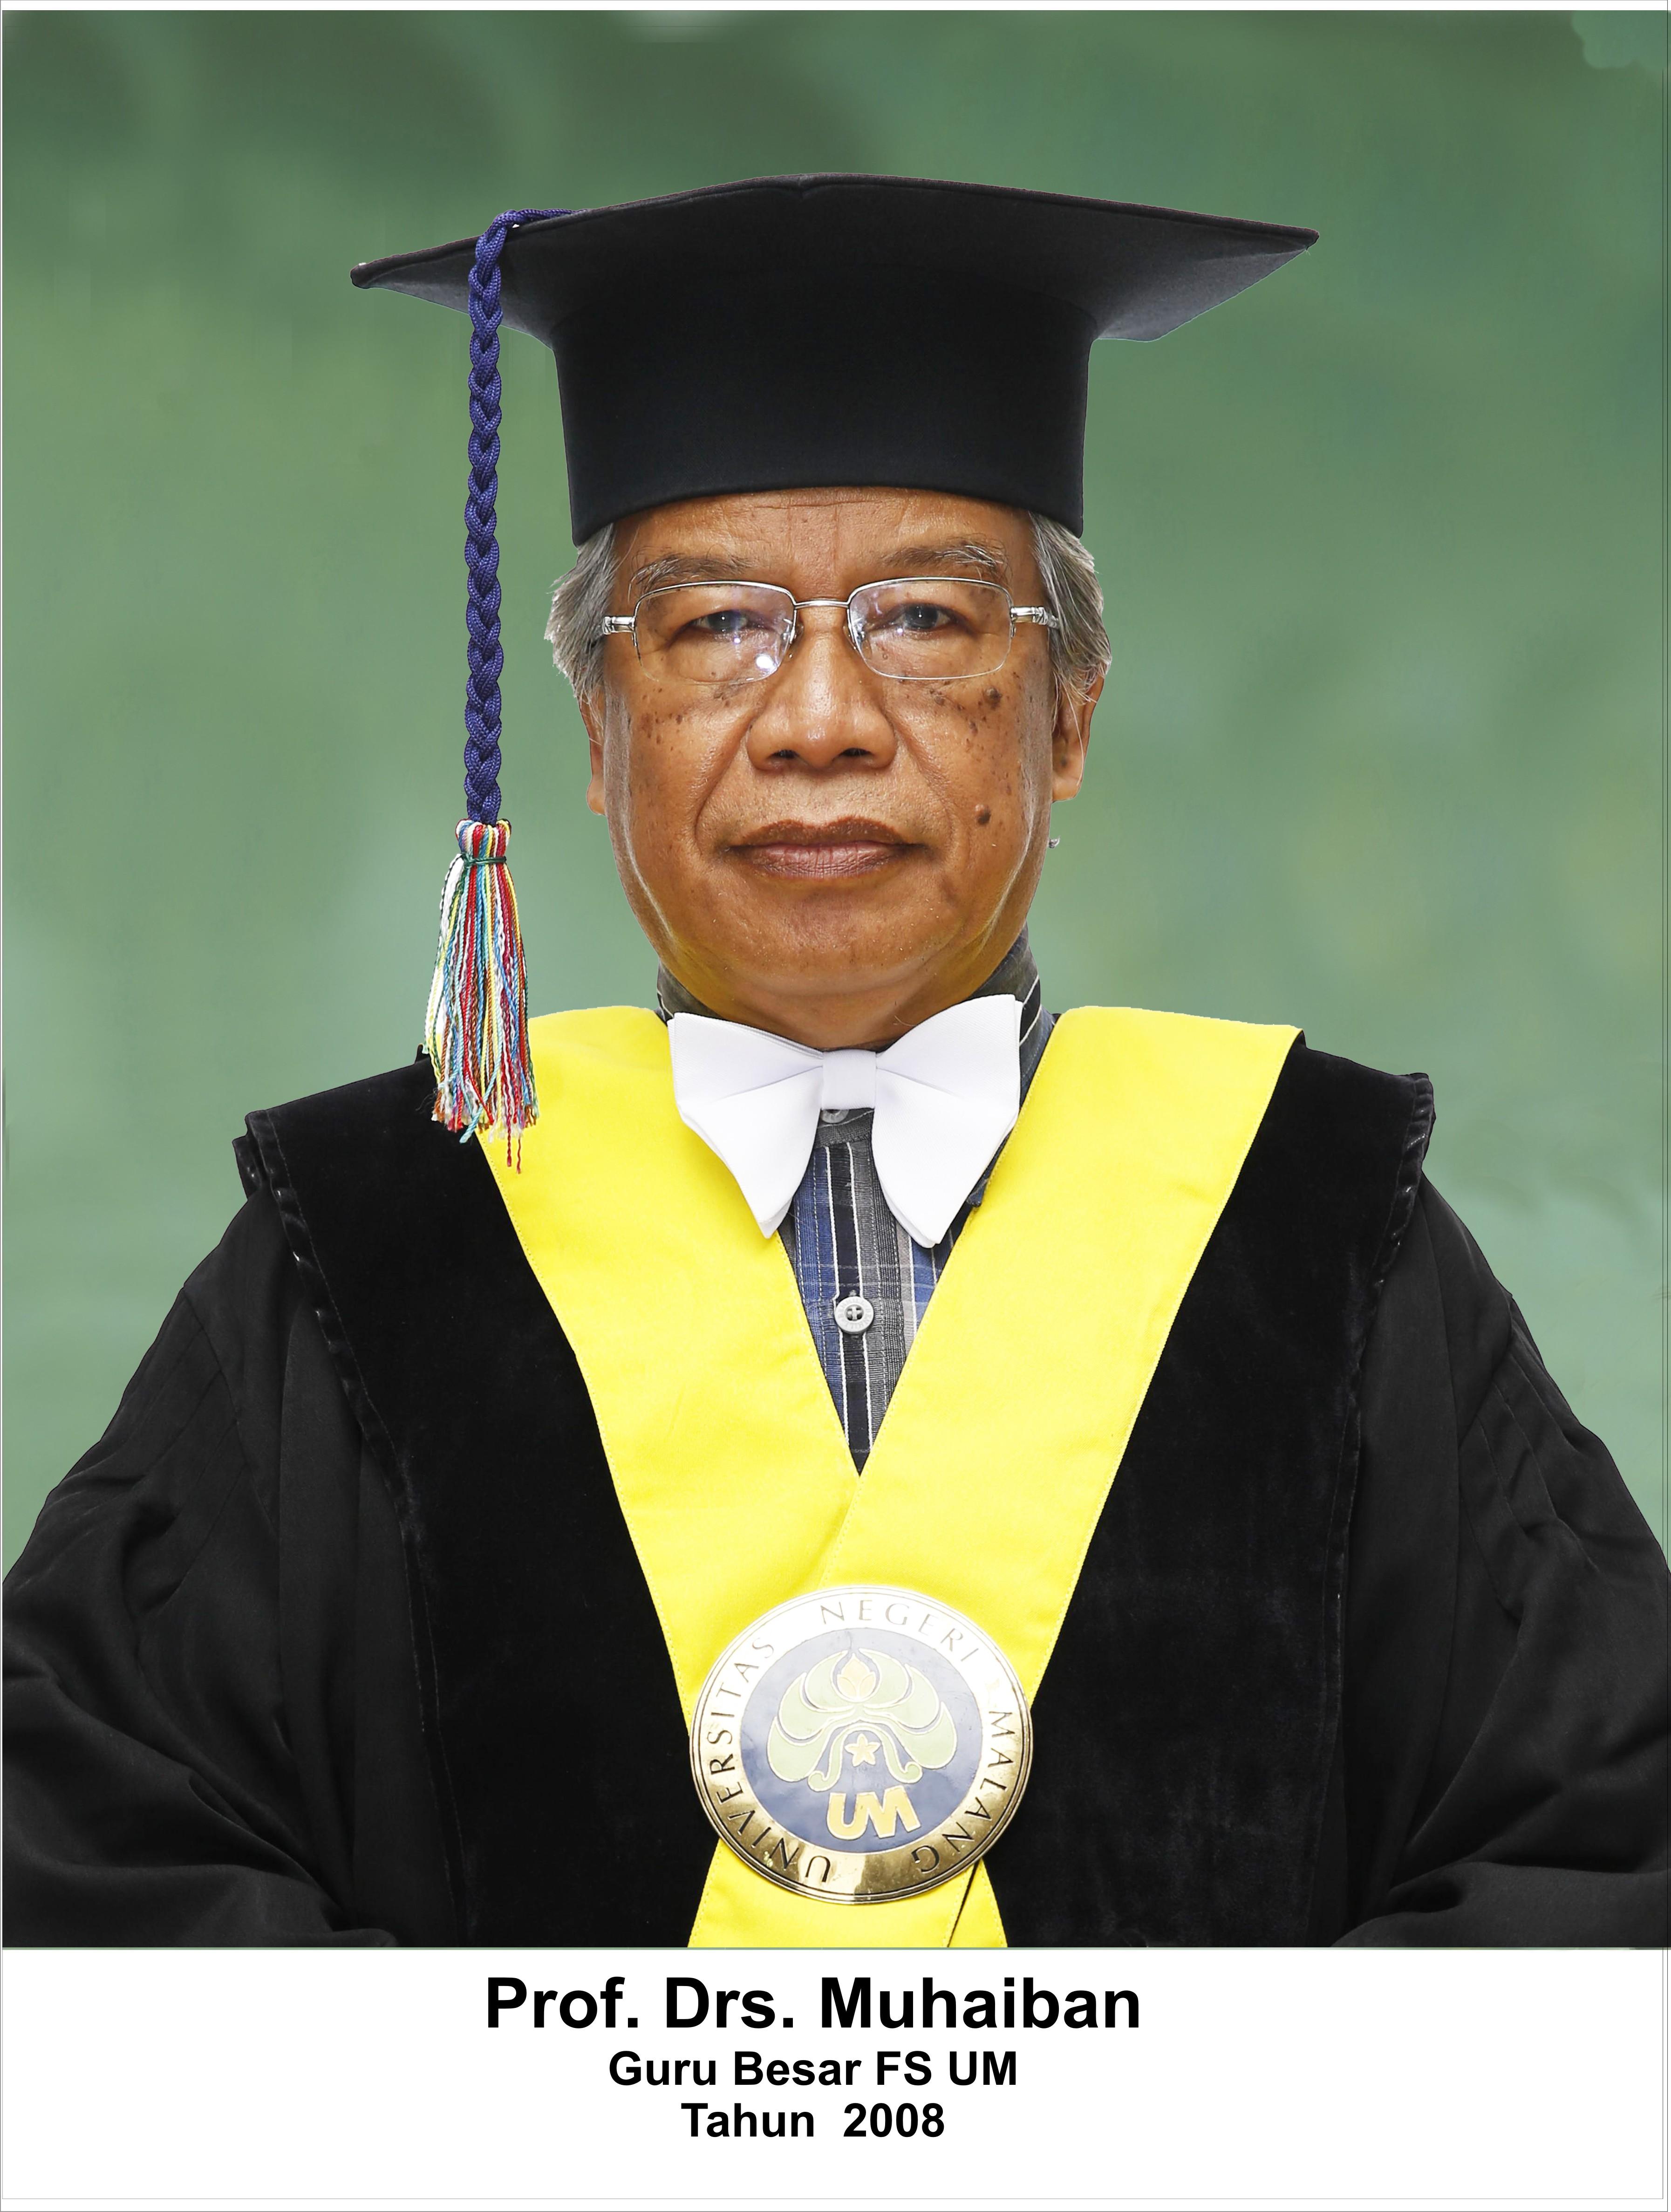 Prof. Drs. Muhaiban